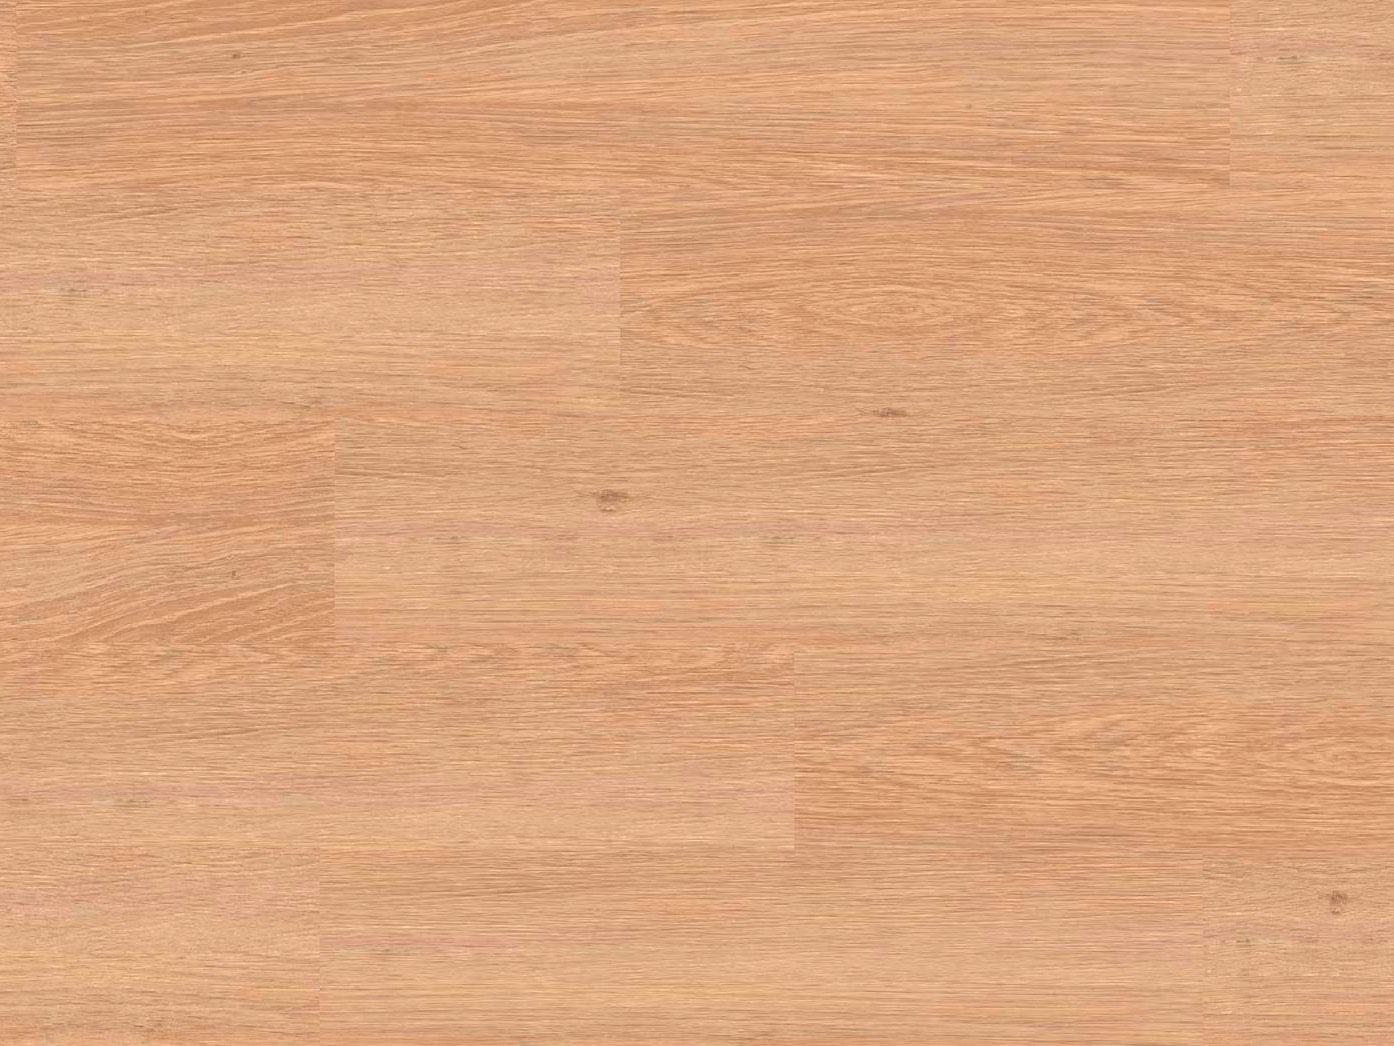 Kastamonu Ламинат Blue FP0041 Дуб Алжирский Кремовый